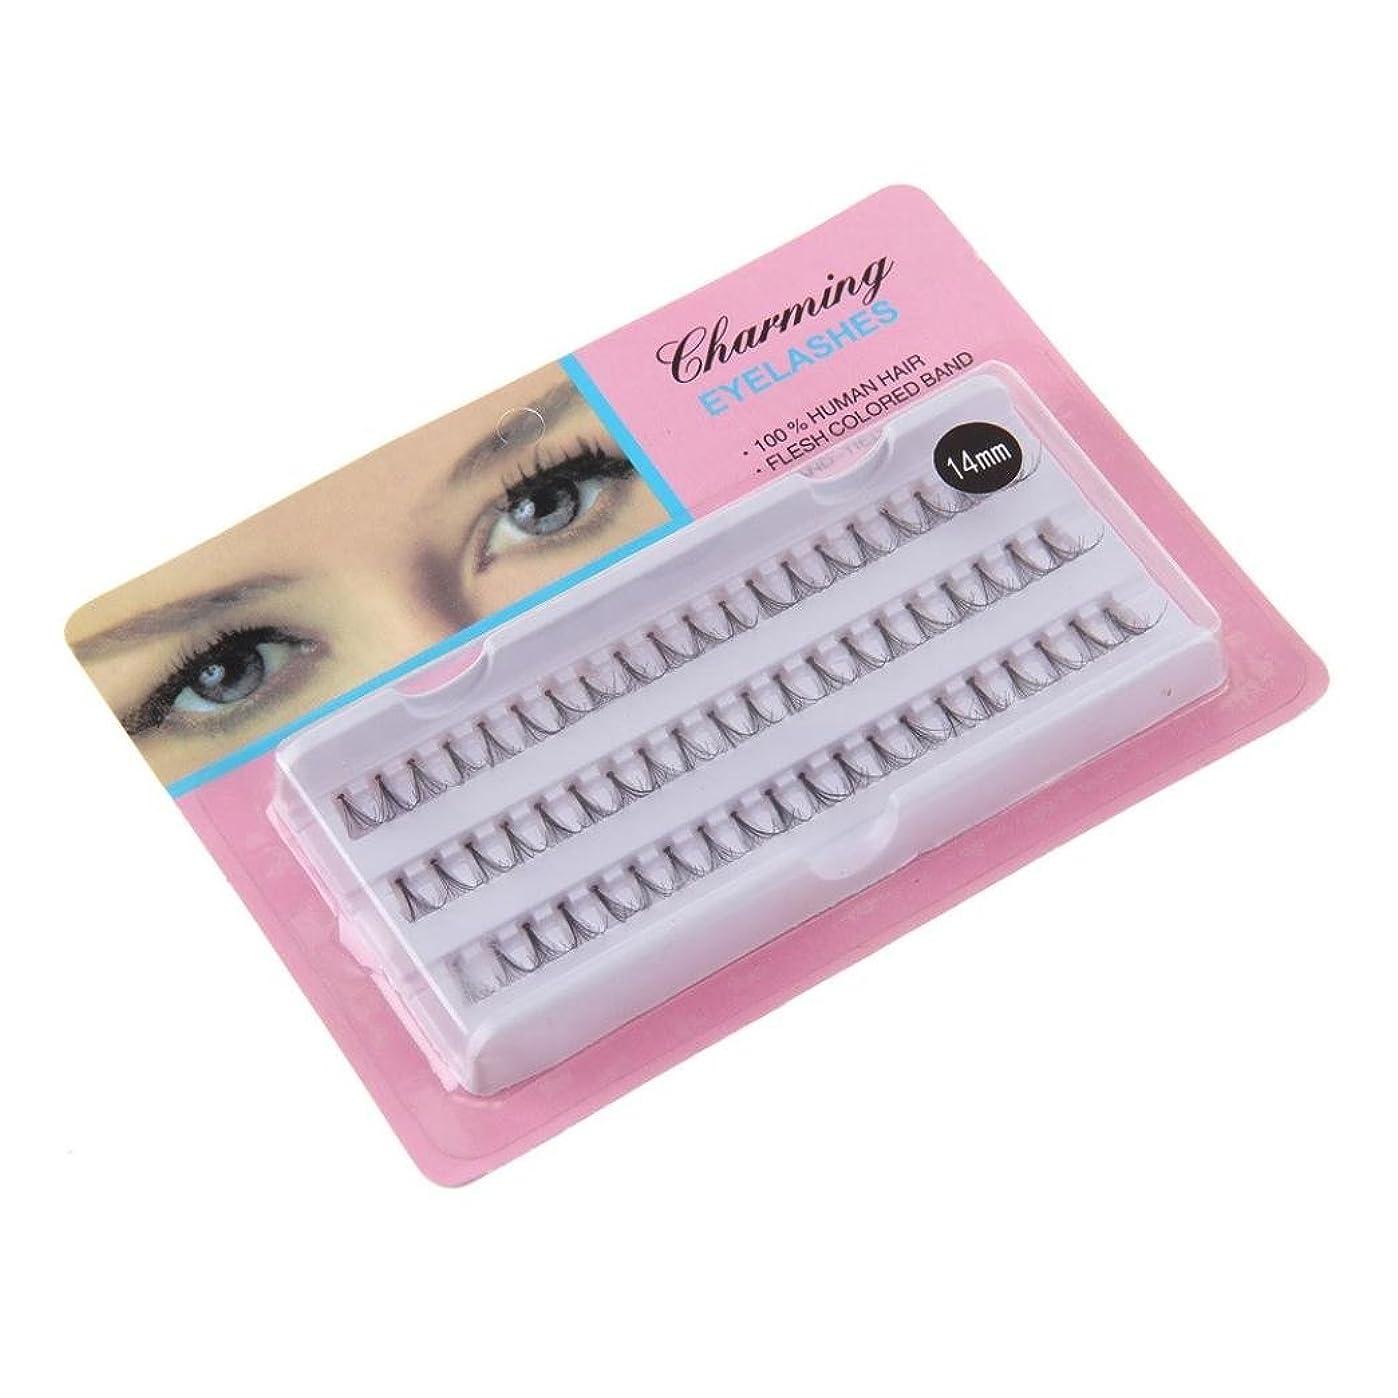 合併症同行する同化Feteso 1ボックス つけまつげ 上まつげ Eyelashes アイラッシュ ビューティー まつげエクステ レディース 化粧ツール アイメイクアップ 人気 ナチュラル 飾り 柔らかい 装着簡単 綺麗 極薄/濃密